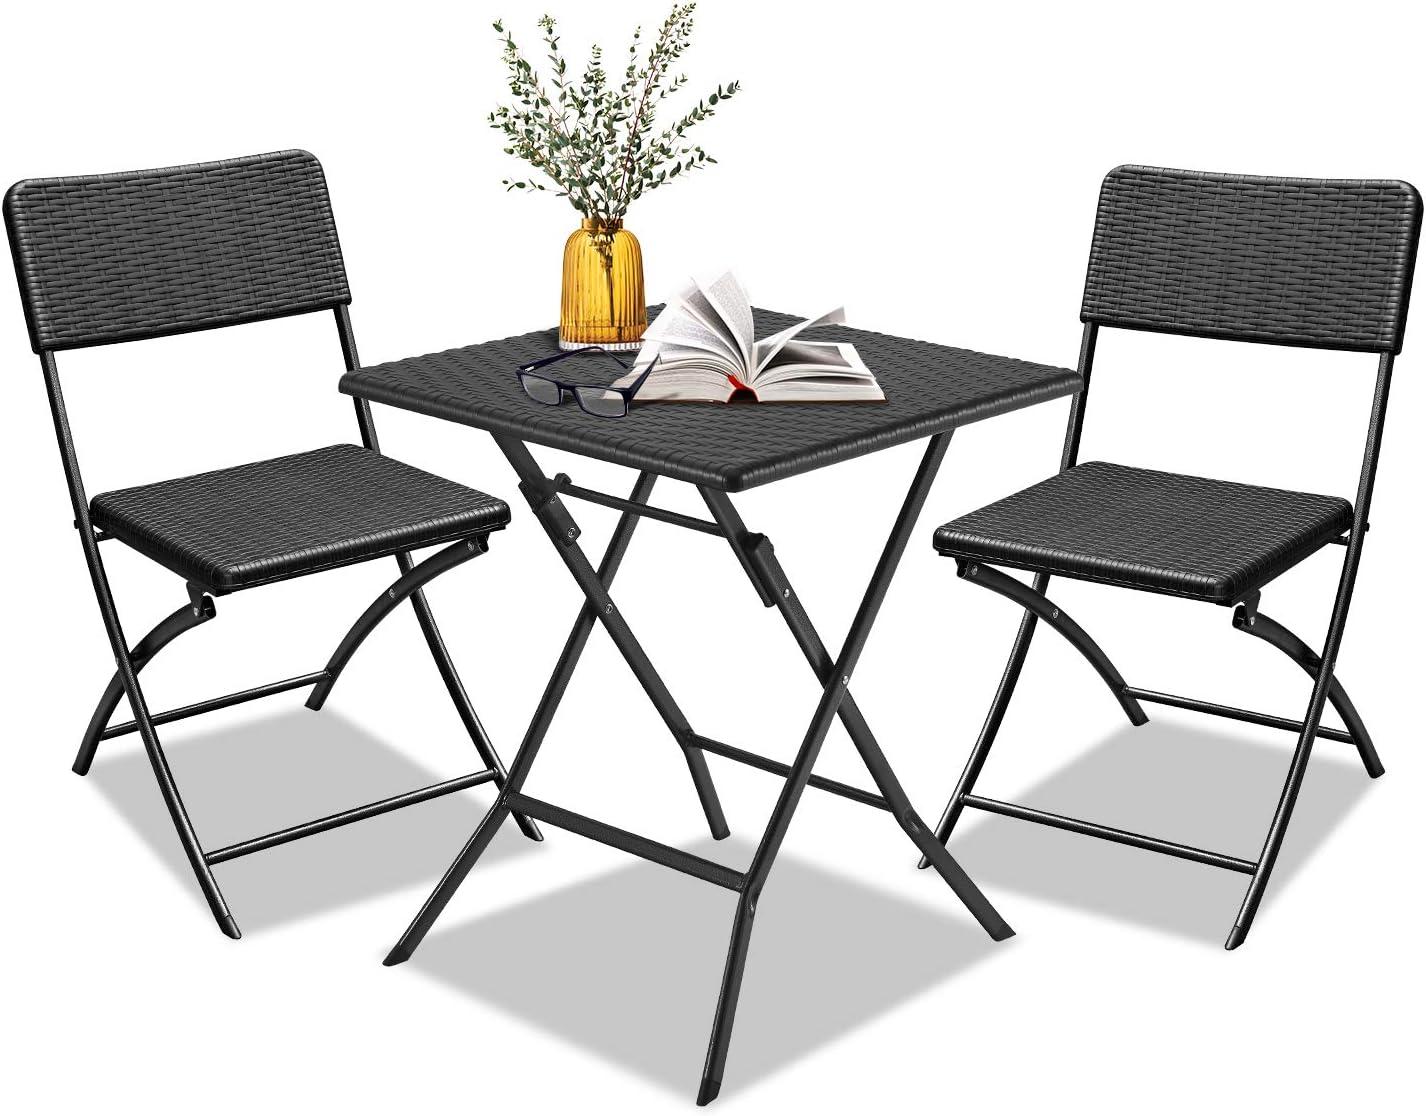 LZQ Conjunto de Muebles de Jardín, Set de 2 Sillas 1 Mesa, Estructura de Acero, resistente a la intemperie, para interior y exterior, para patio, patio, jardín - Ratán Polivinílico Negro